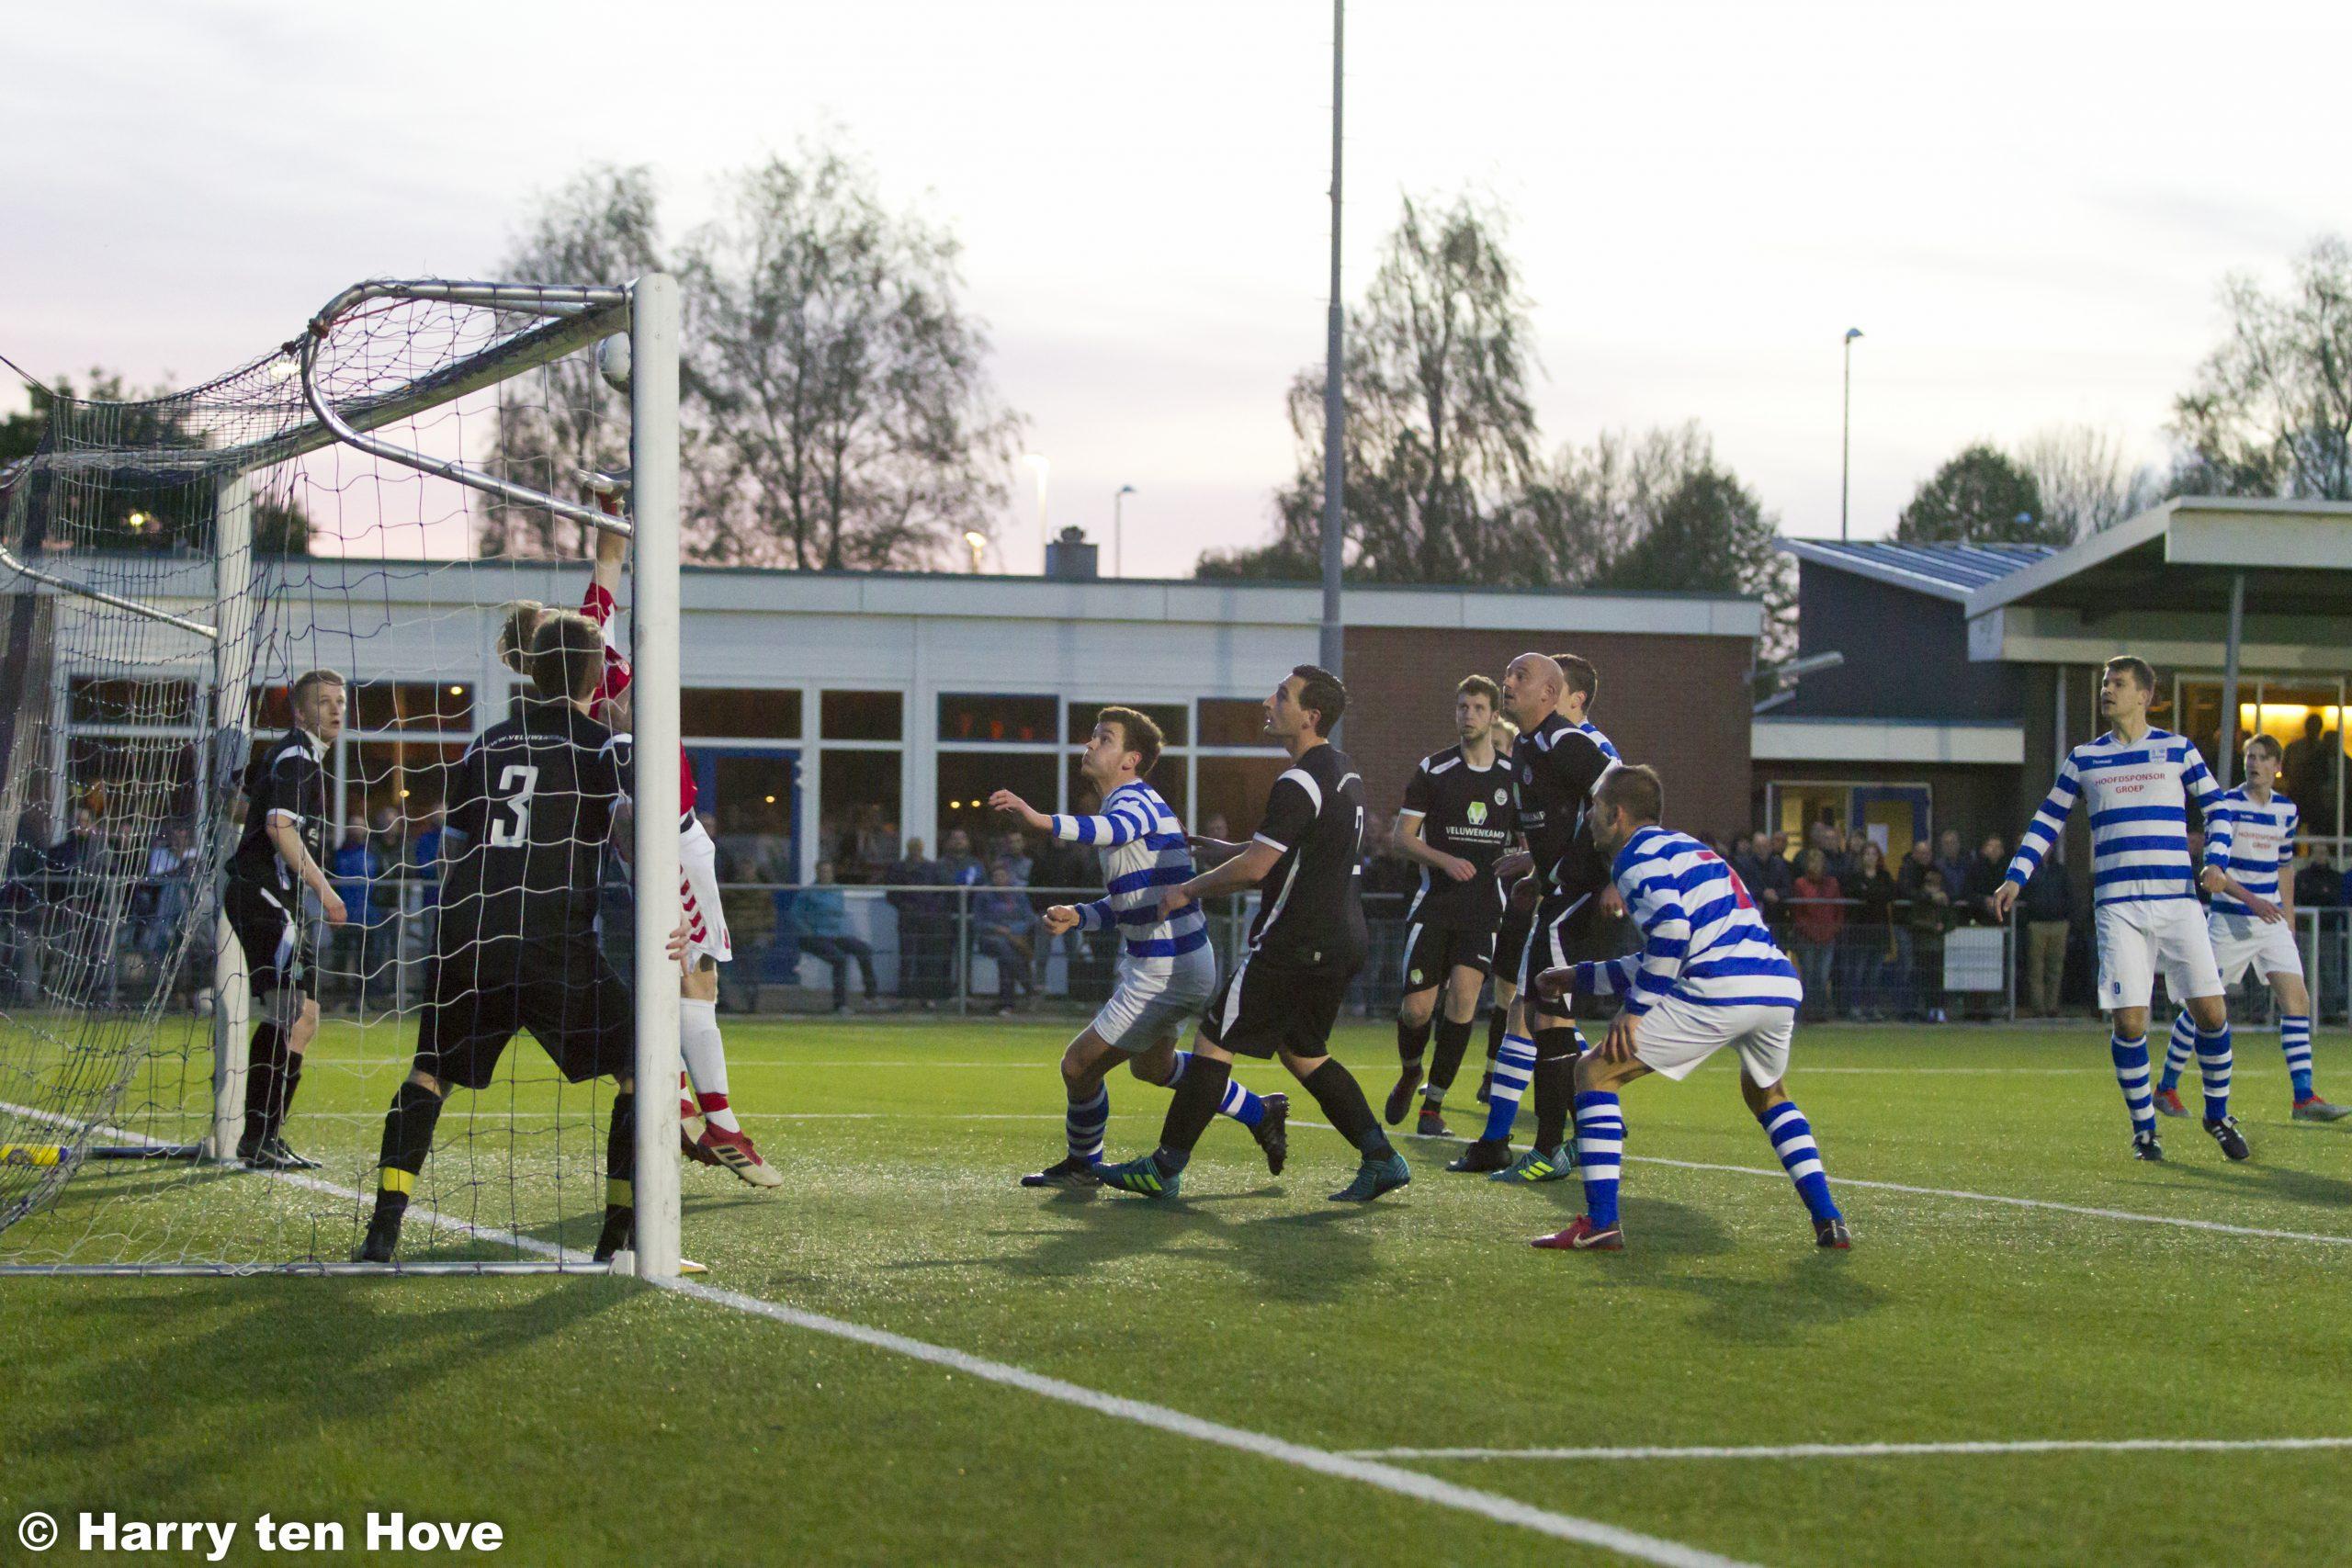 Kampioenschap gloort voor Elburger Sportclub ! - Elburger SC